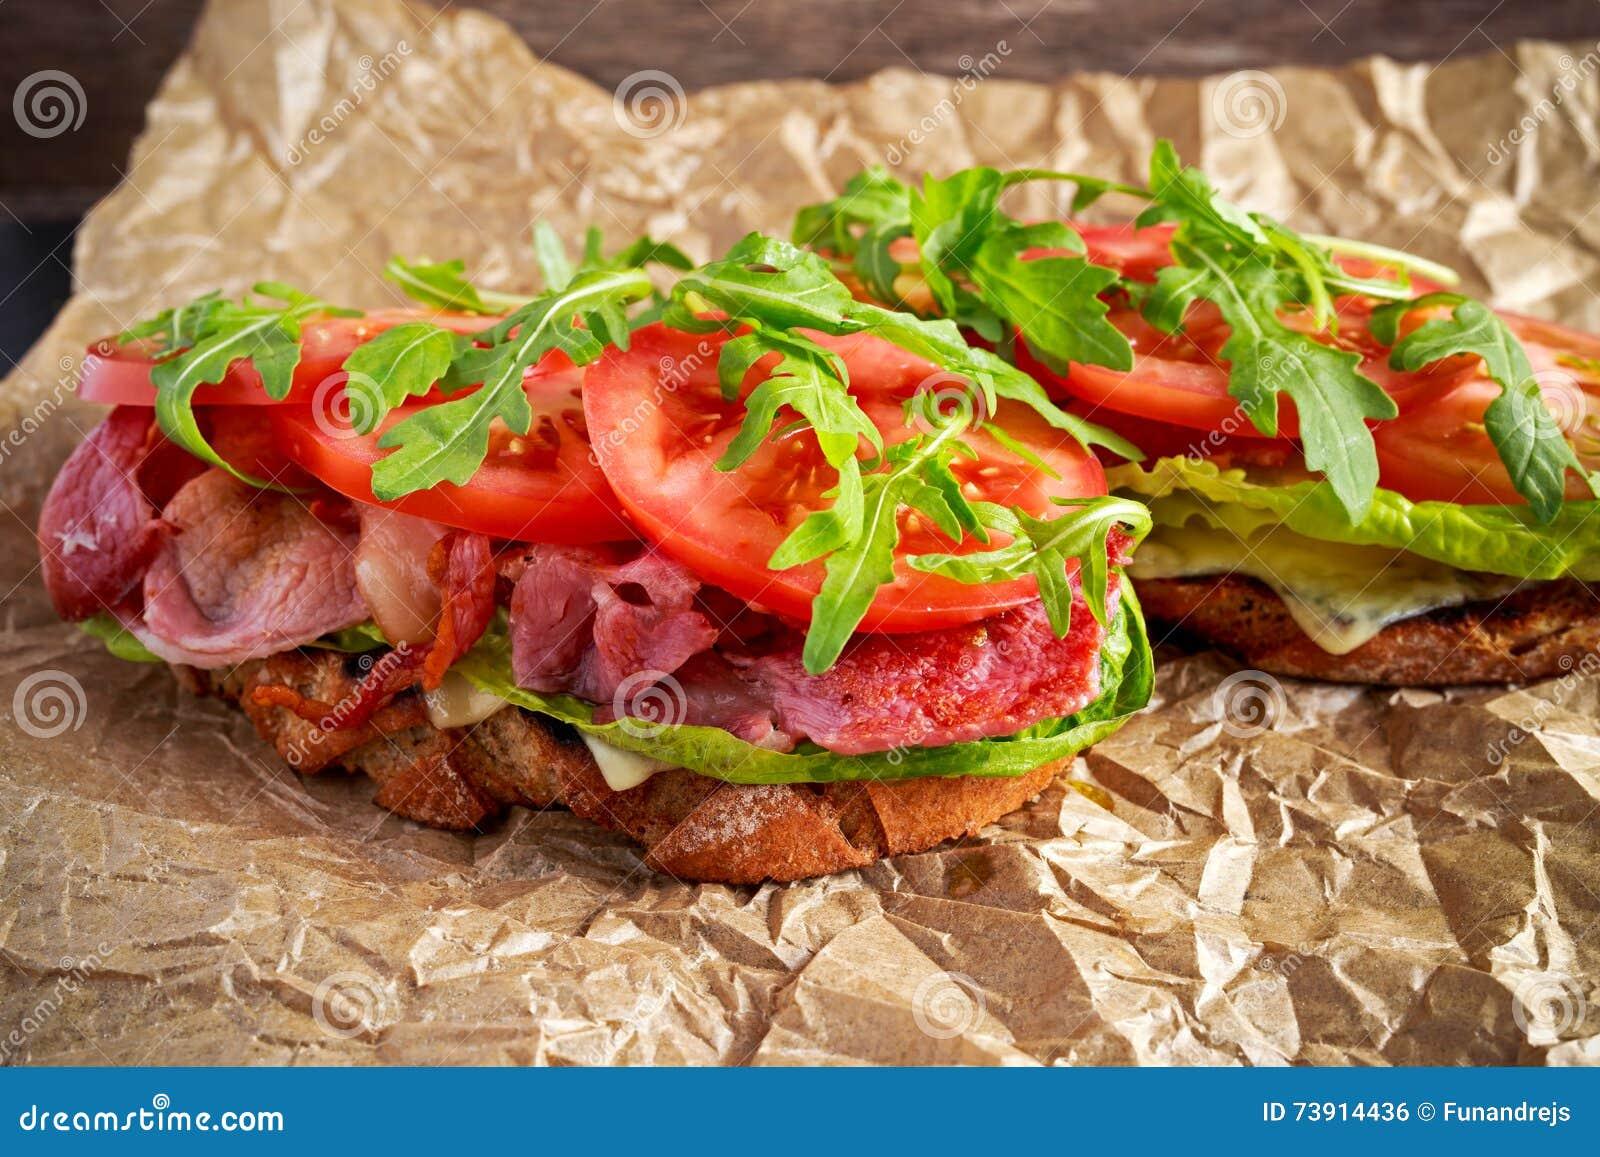 Ny hemlagad BLT-smörgås på grillat bröd med bacon, grönsallat, nötkötttomaten, röda lökar, den lösa raket och chiper